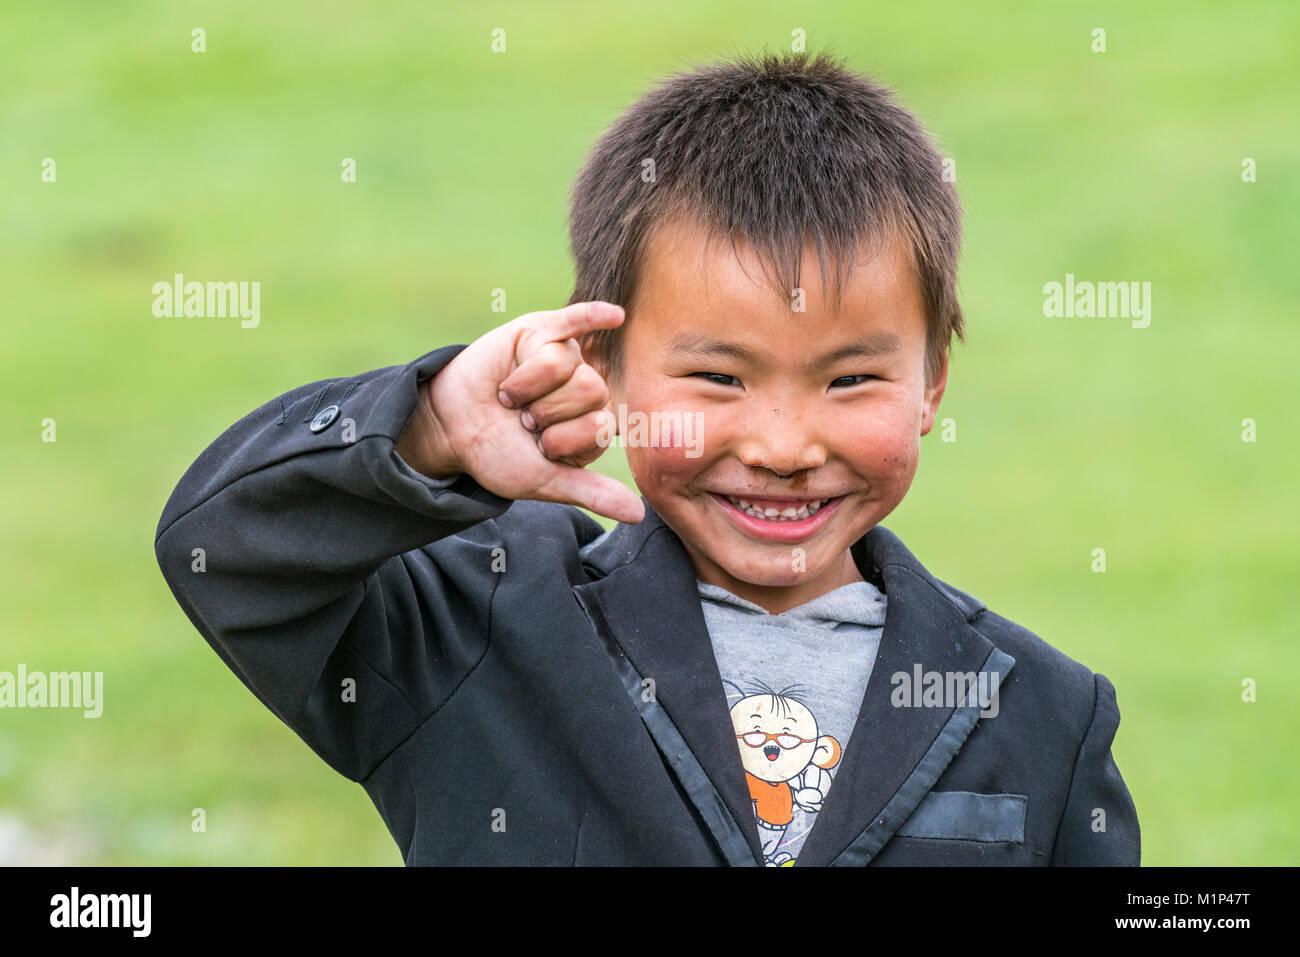 Ritratto di un nomade mongola little boy, Nord provincia Hangay, Mongolia, Asia Centrale, Asia Immagini Stock